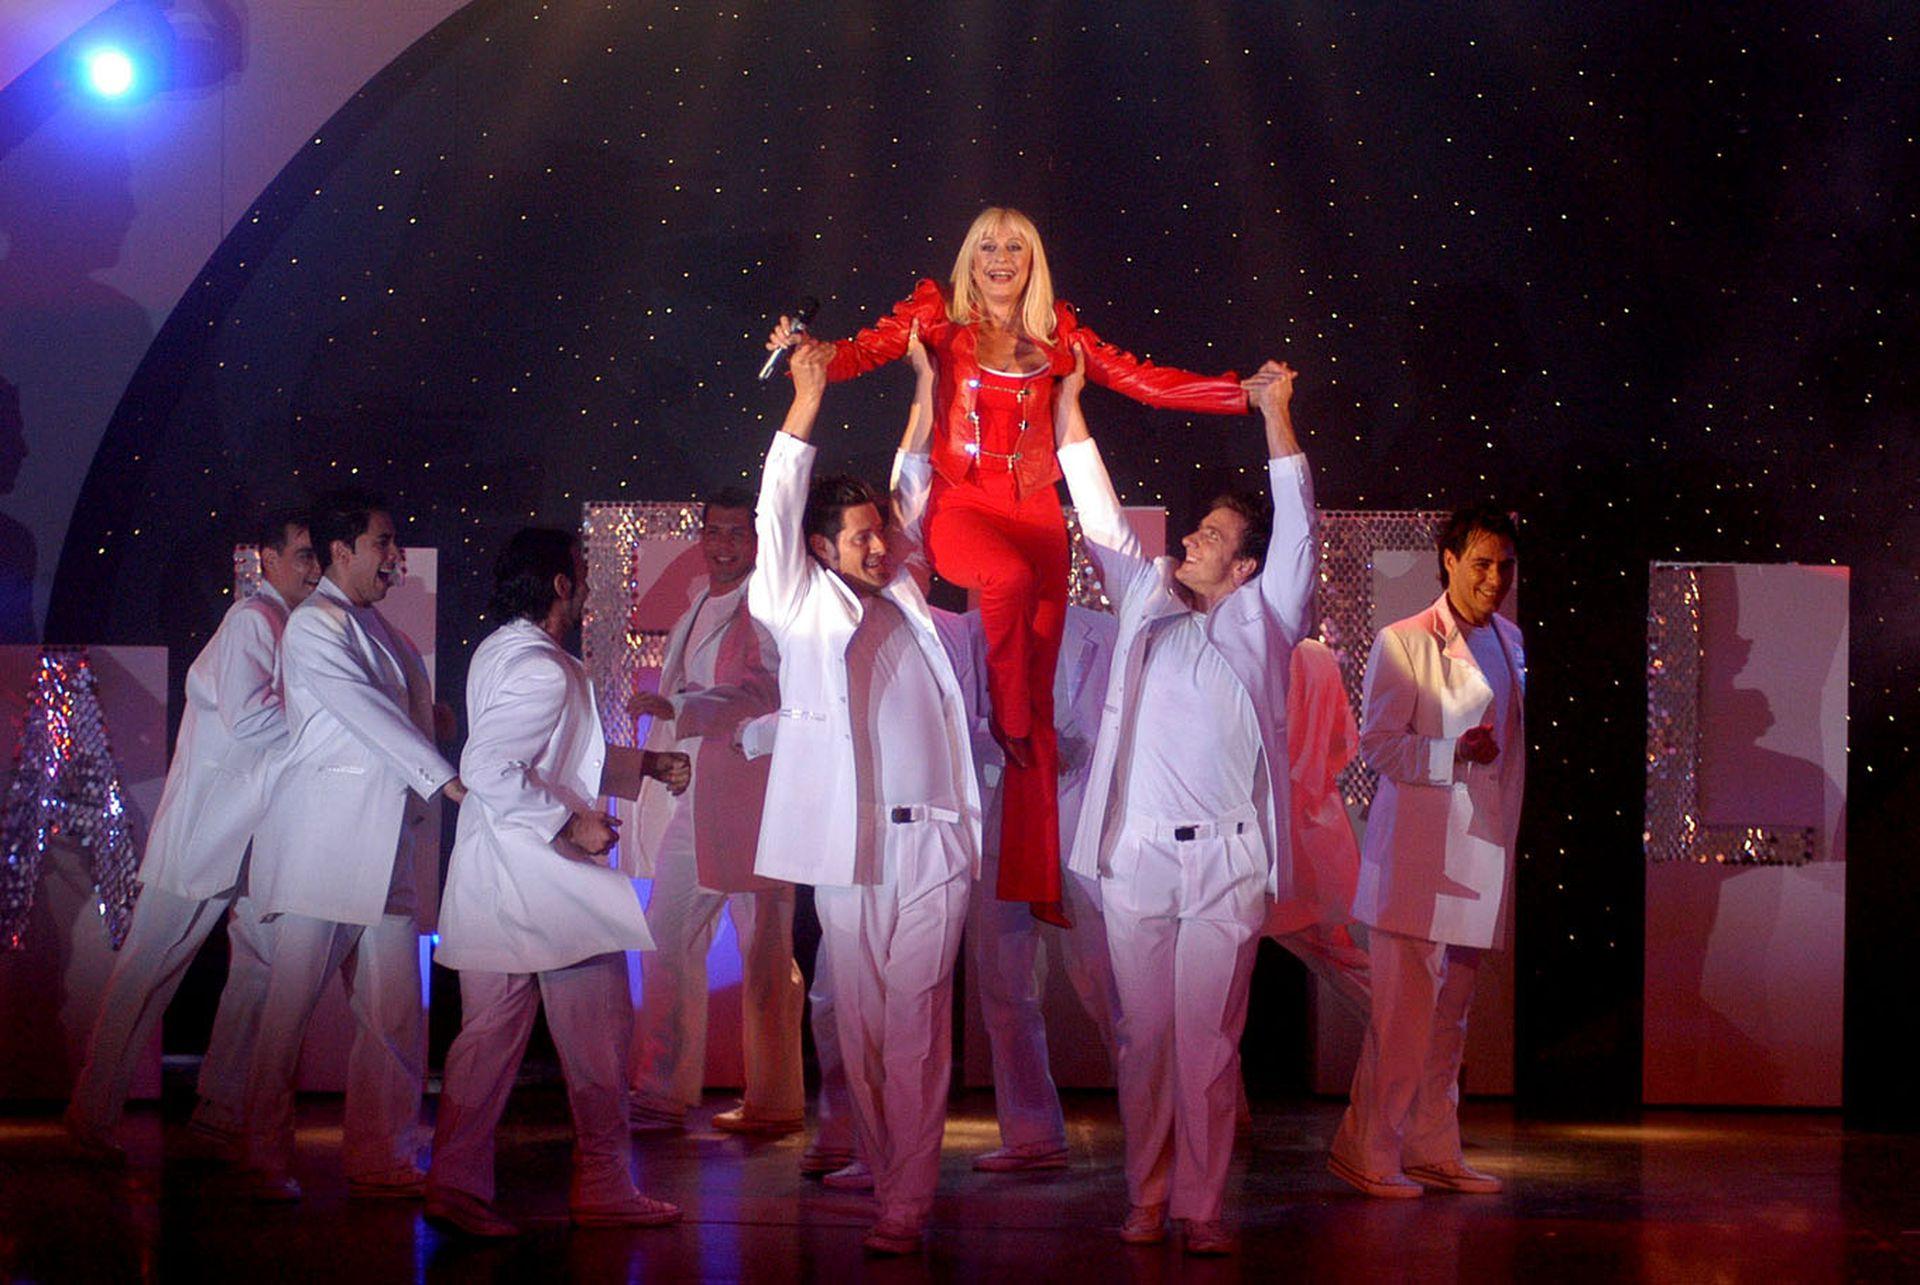 Raffaella Carrà despuntaba su vocación de bailarina en su show emitido por la RAI